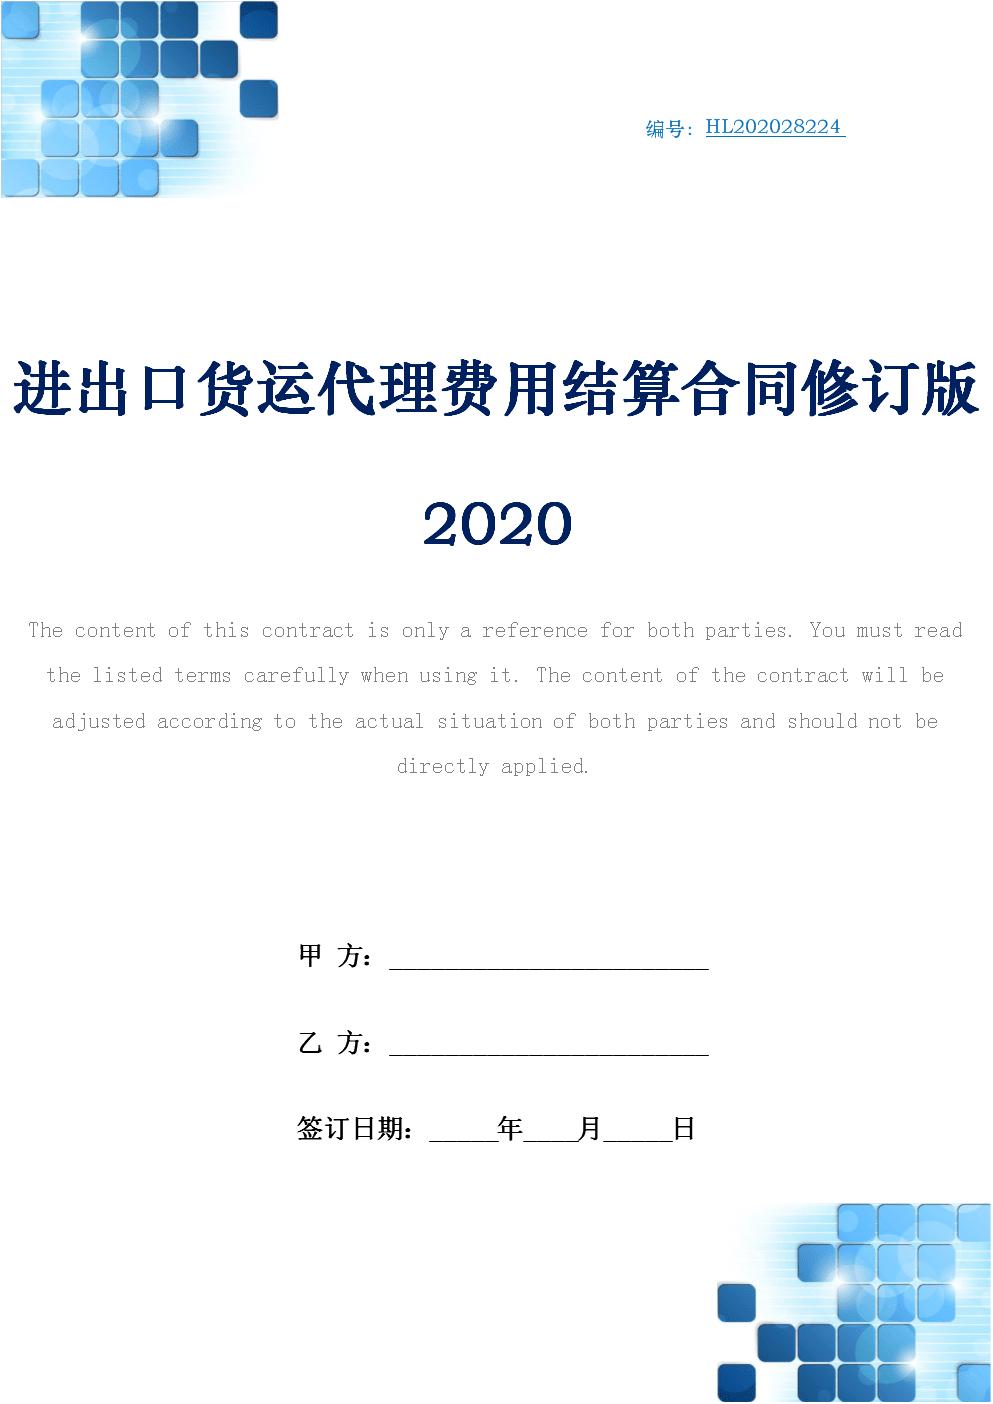 进出口货运代理费用结算合同修订版2020.docx